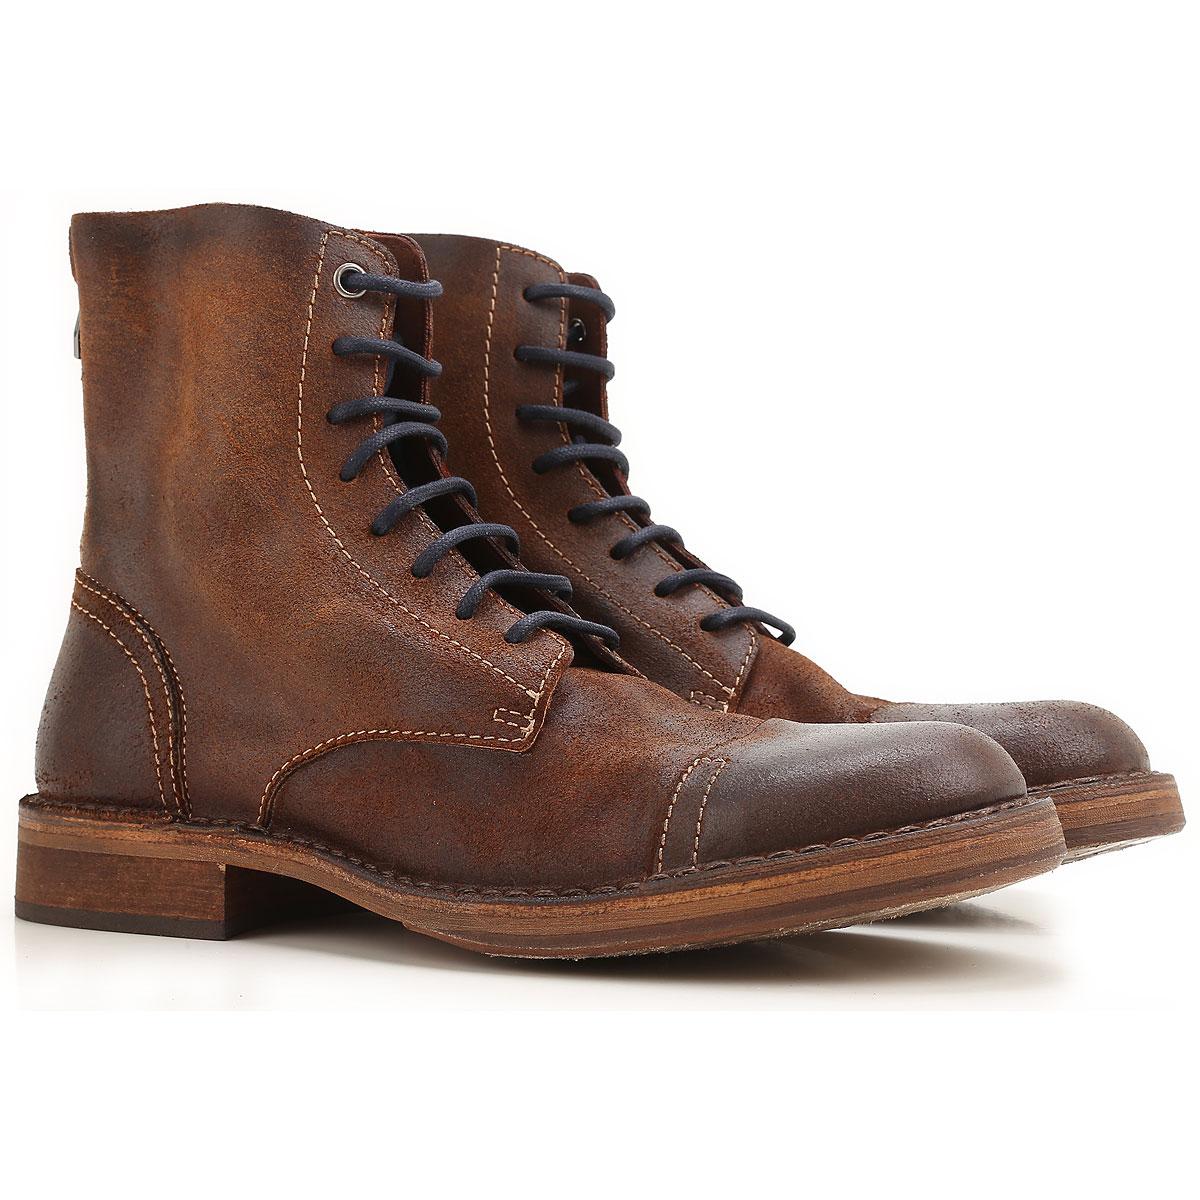 Mens Shoes Diesel, Style code: y01444-pr276-t2241